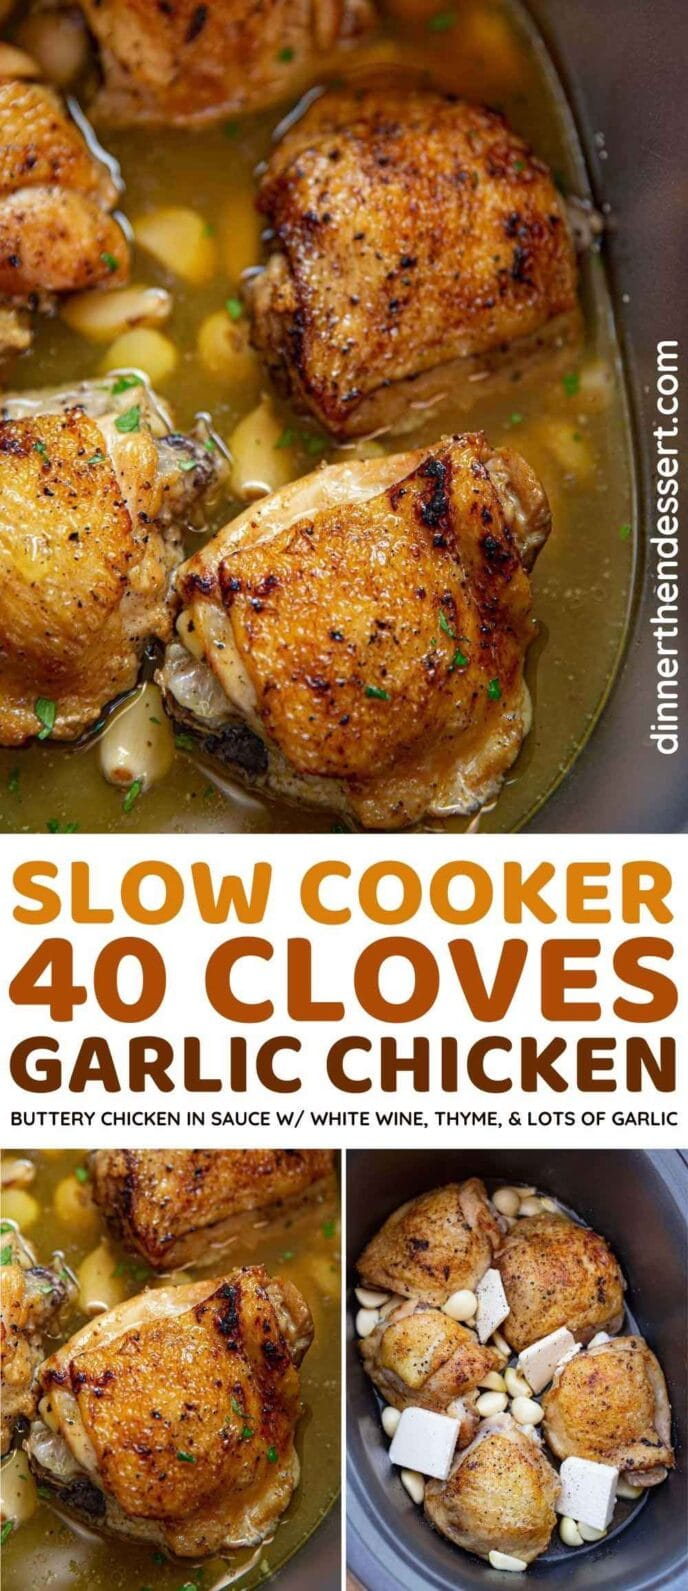 Slow Cooker 40 Clove Garlic Chicken